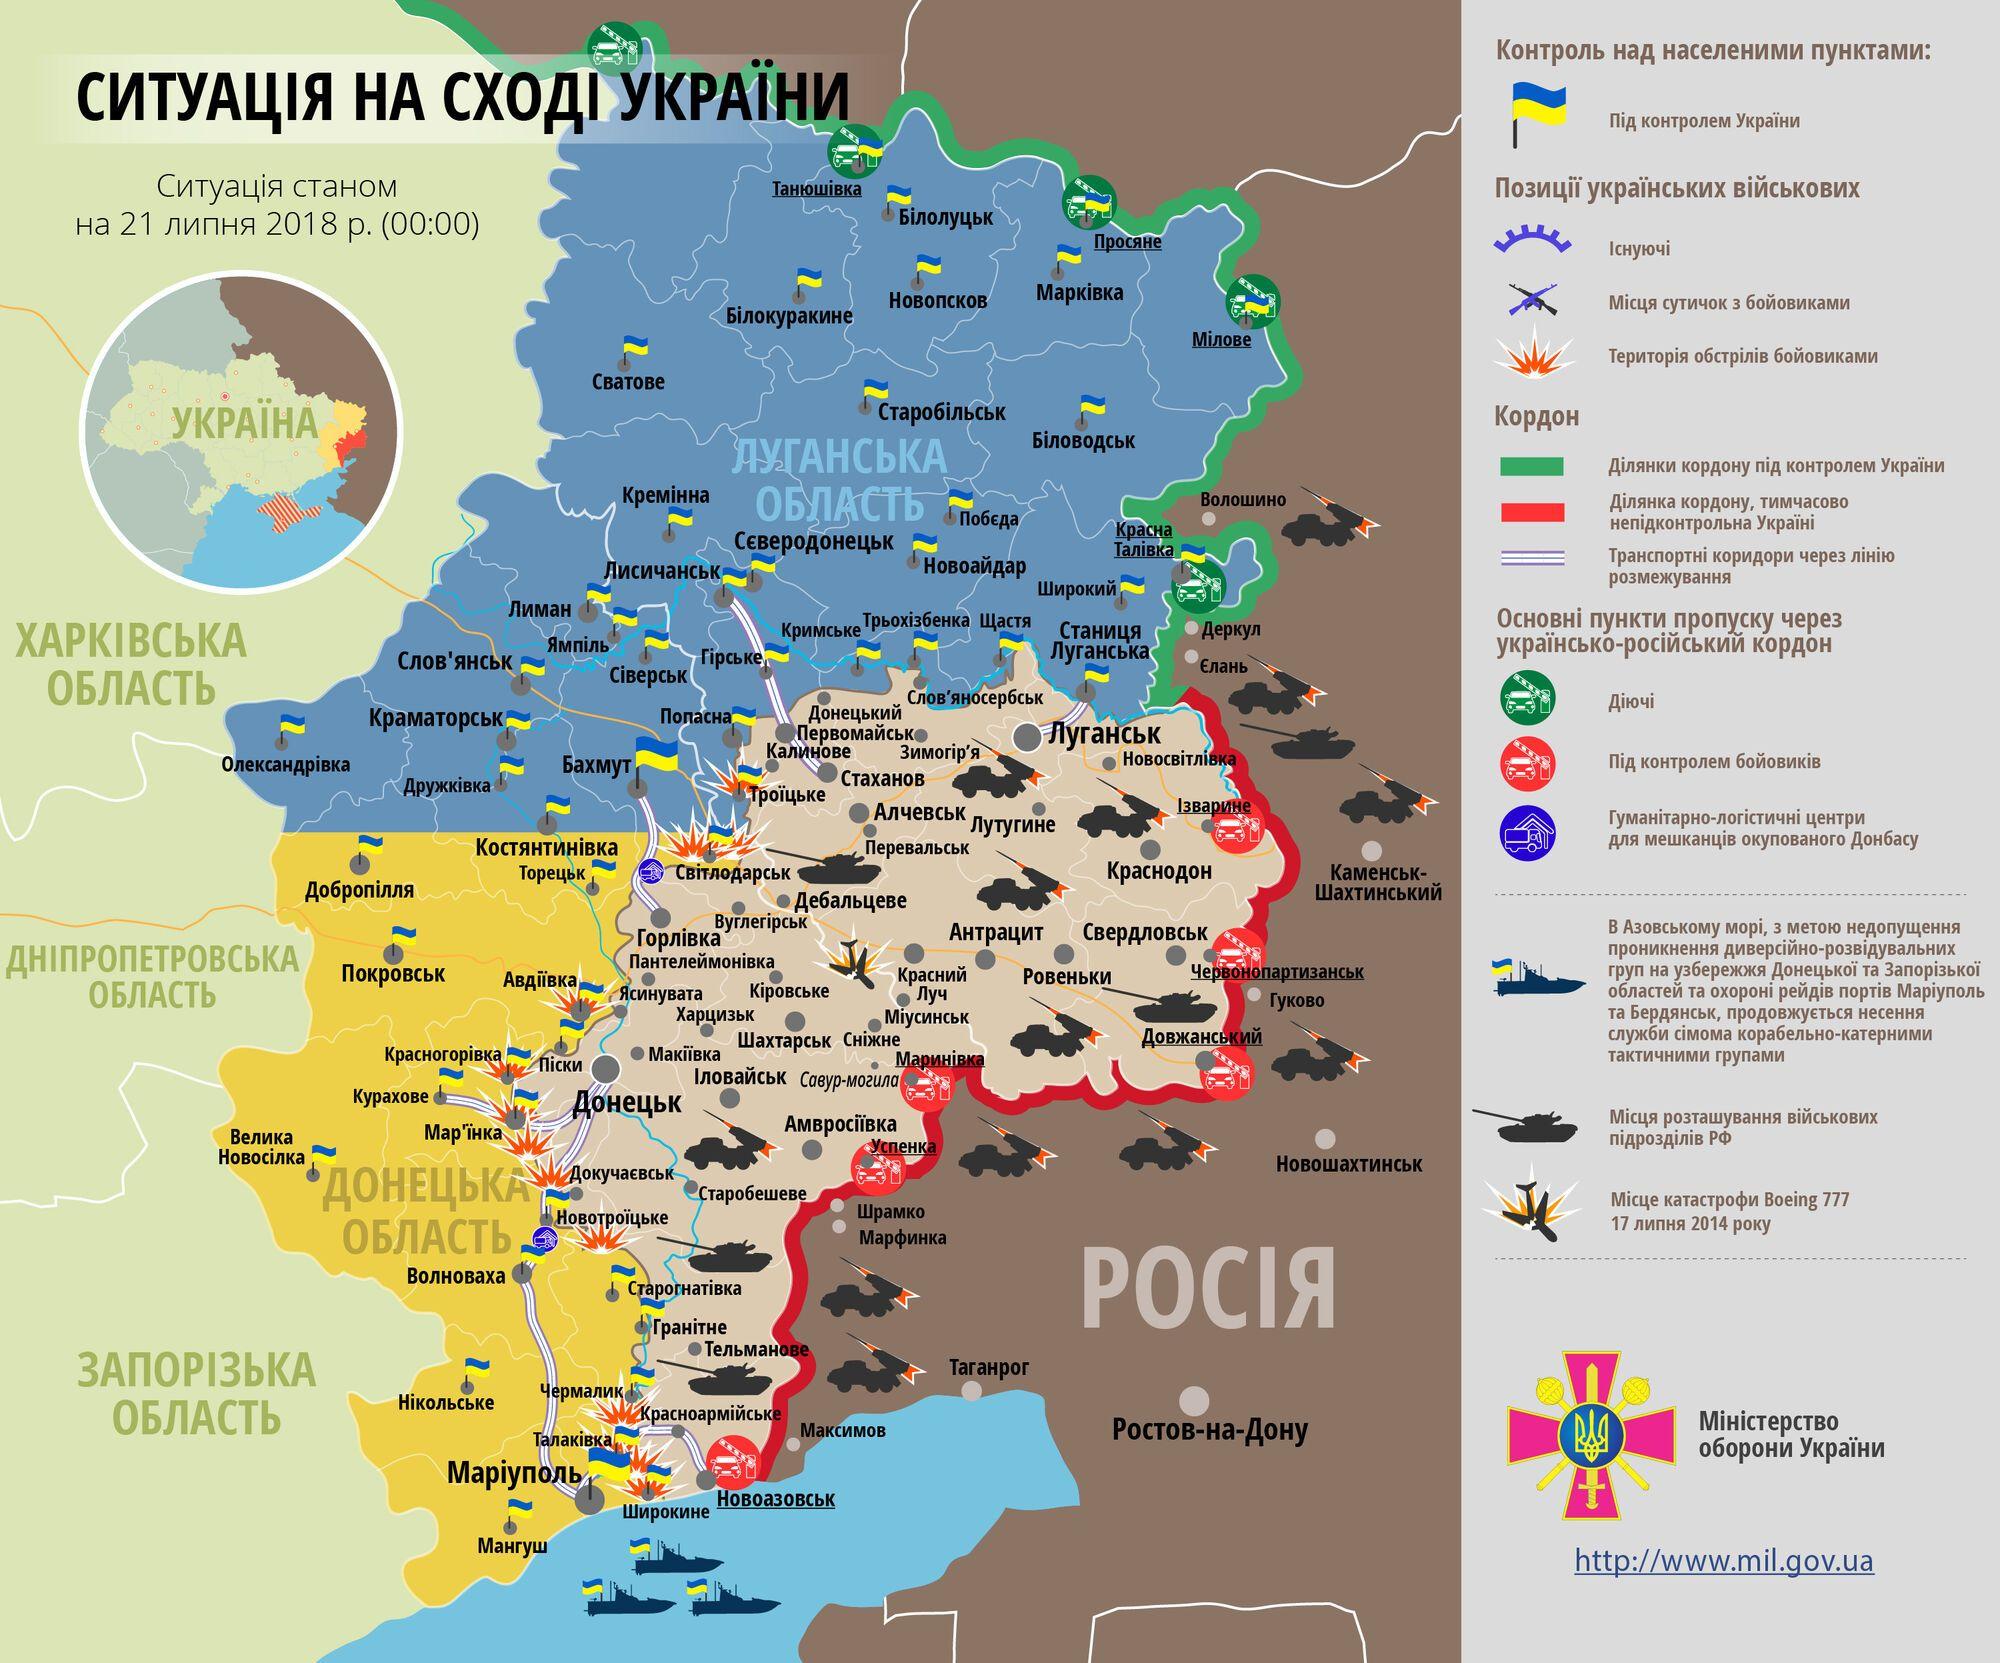 """Били прицельно: ВСУ успешно отразили коварную атаку """"Л/ДНР"""""""